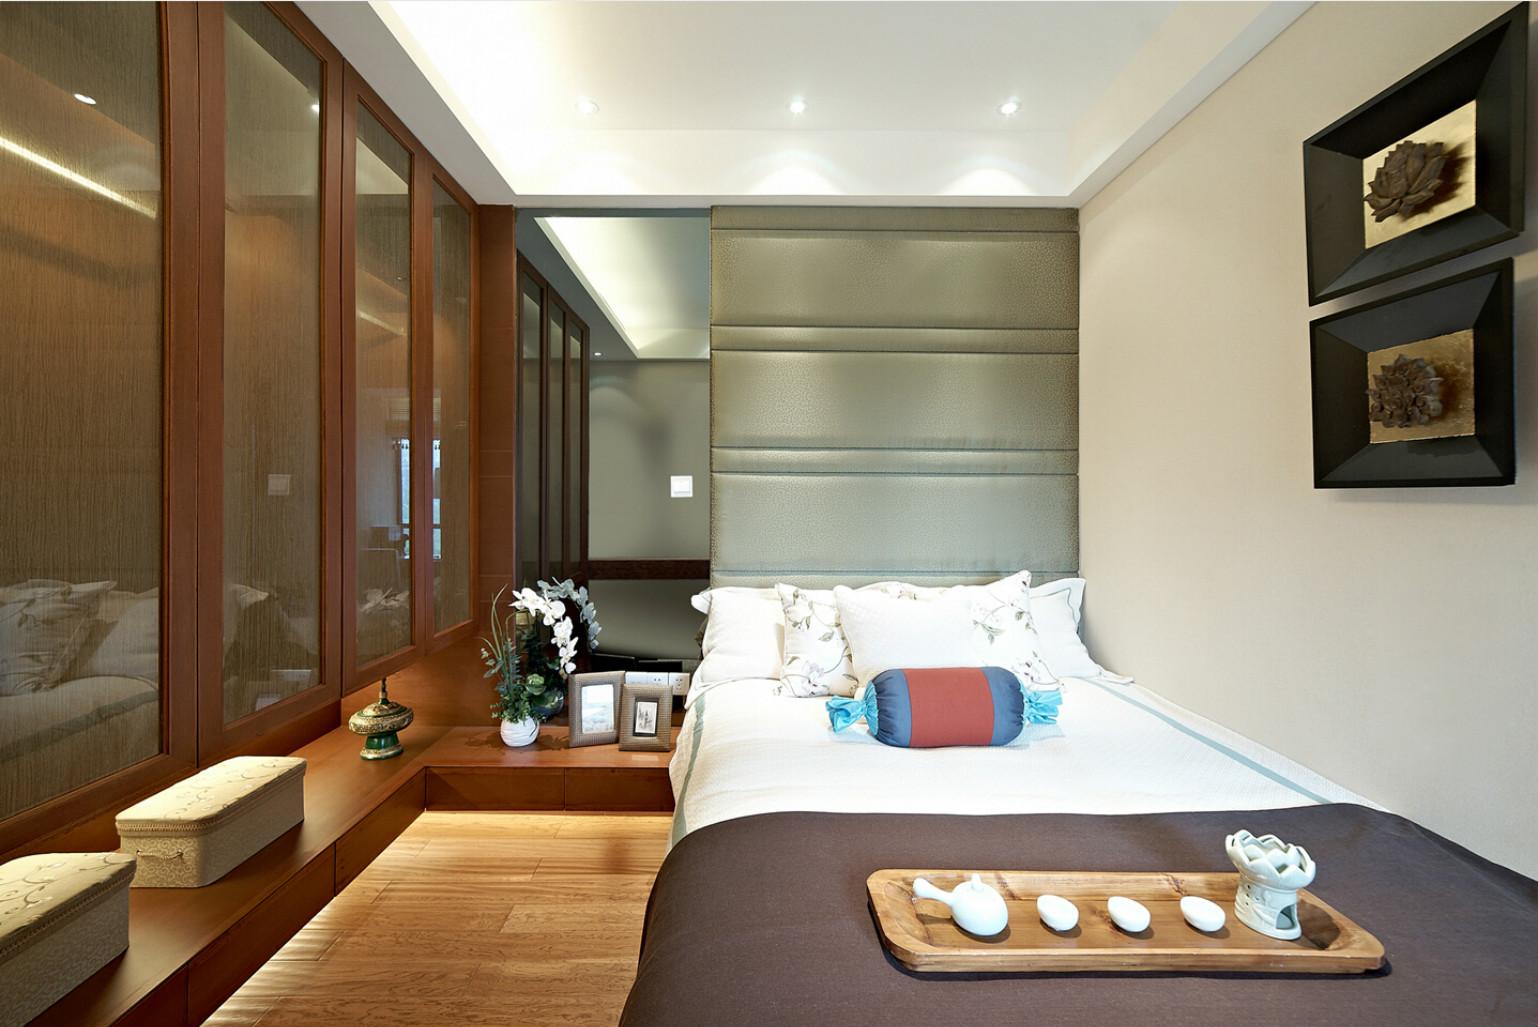 卧室透过窗户洒在地板上,斜倚在窗边,看每一次日出日落,或坐在桌前,翻翻久违的书本